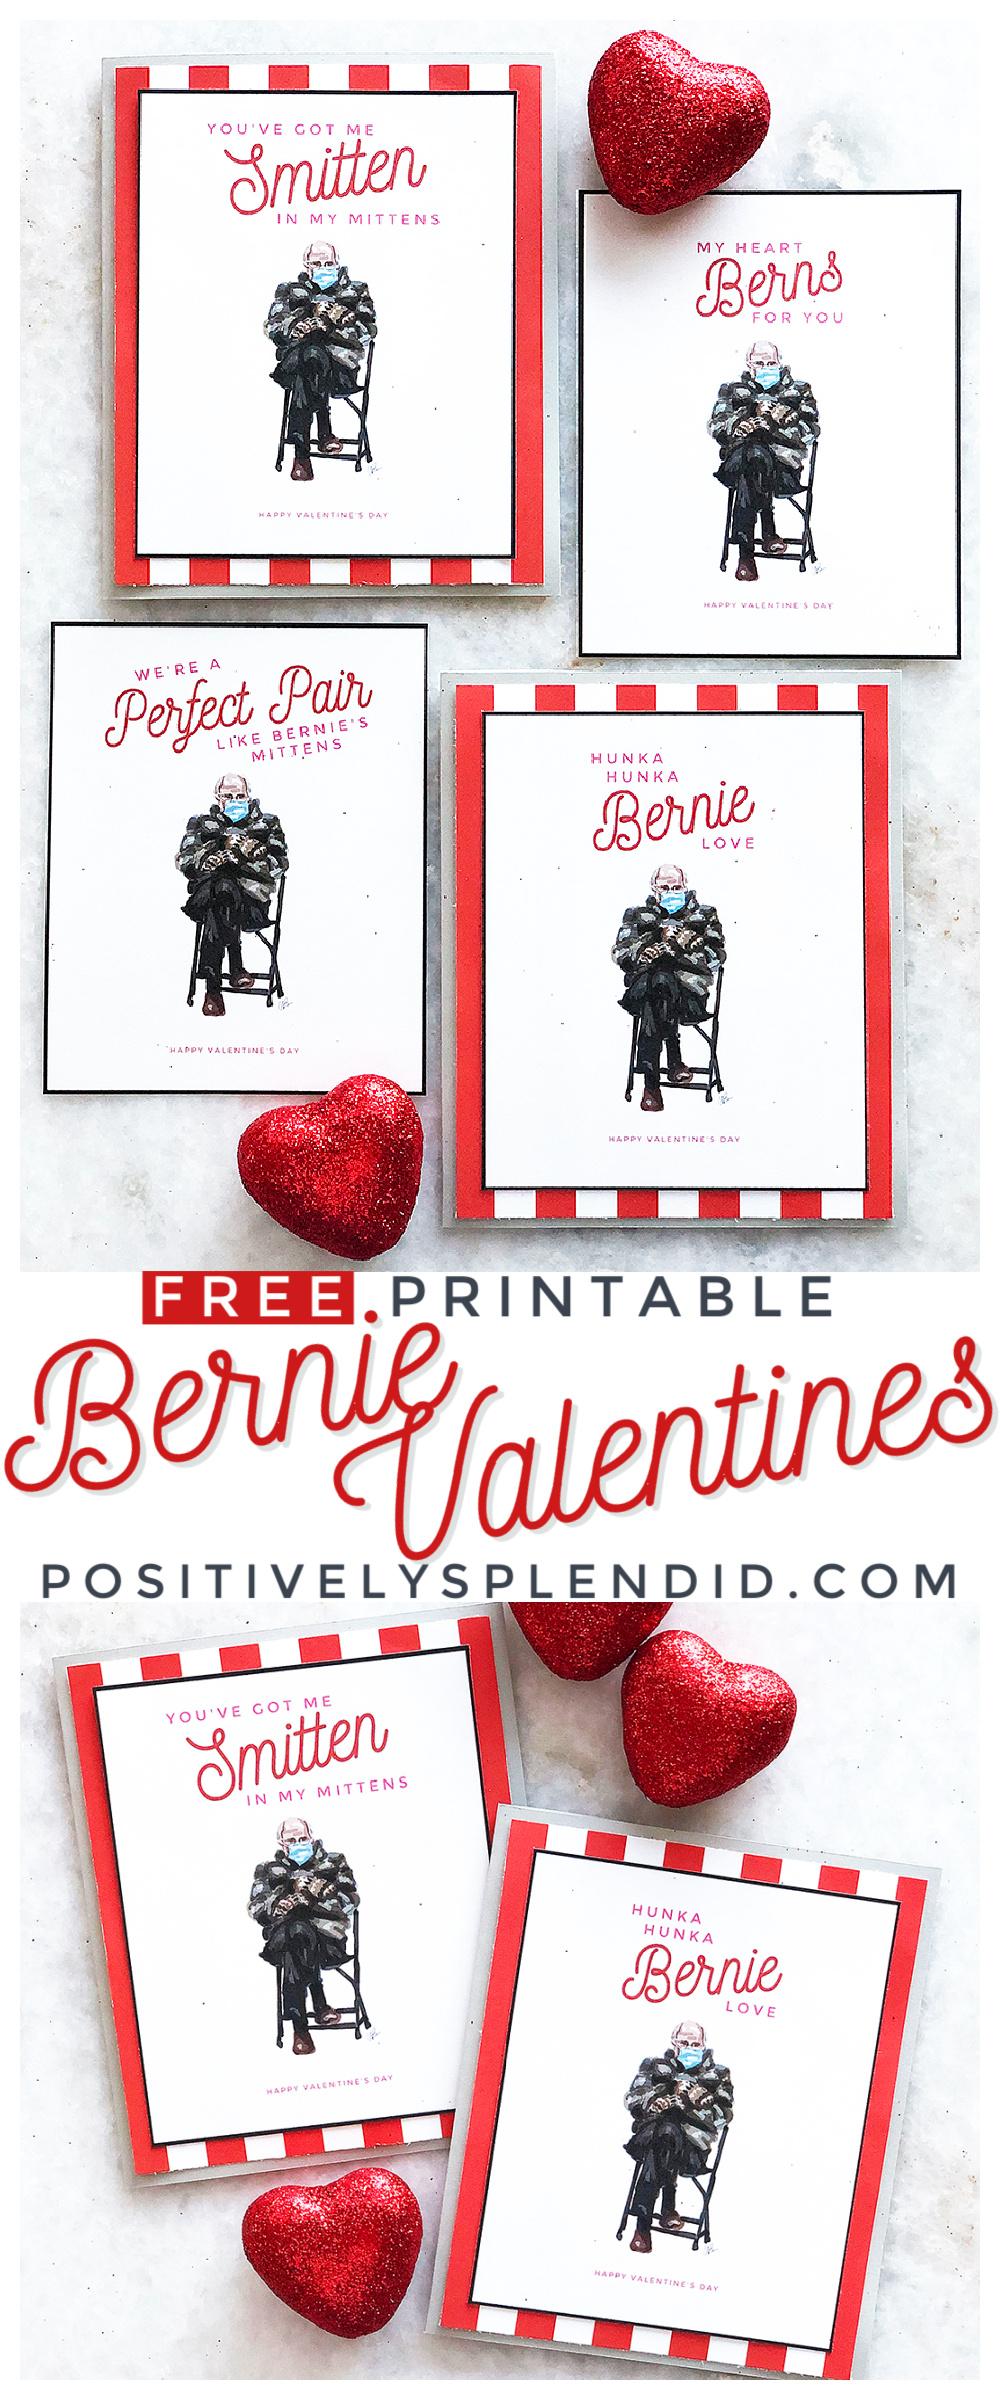 Free Printable Bernie Sanders Valentines